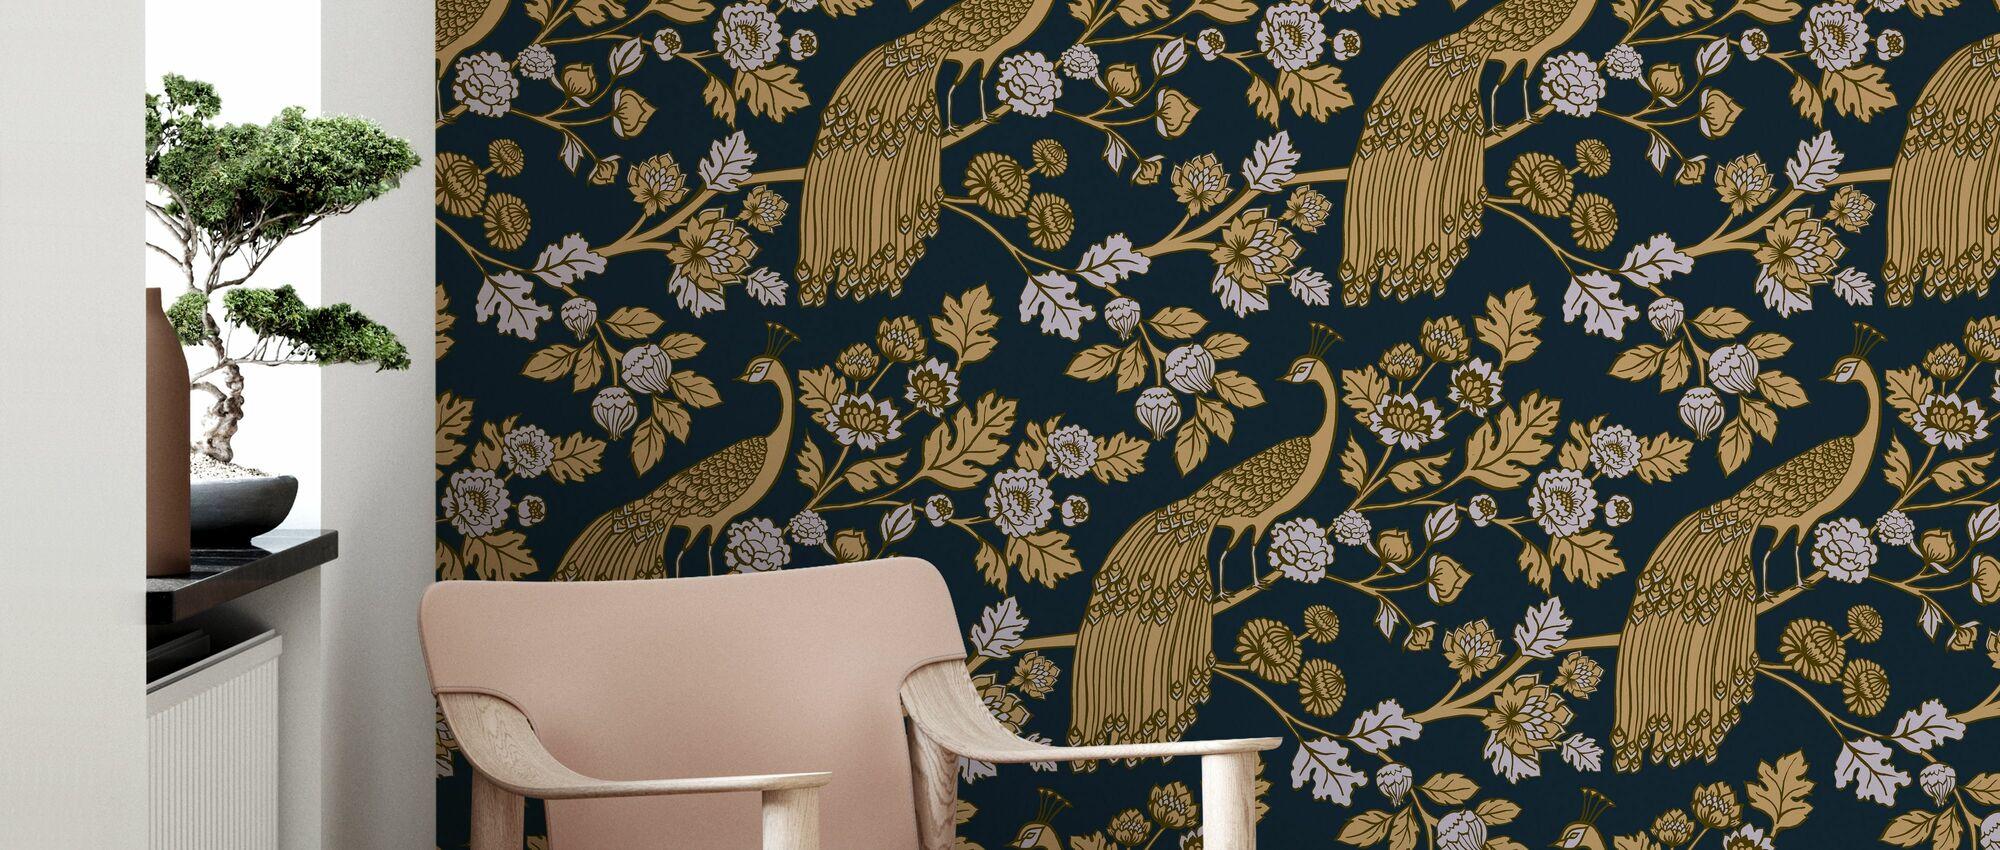 Peacock Garden Midnight - Gold - Wallpaper - Living Room